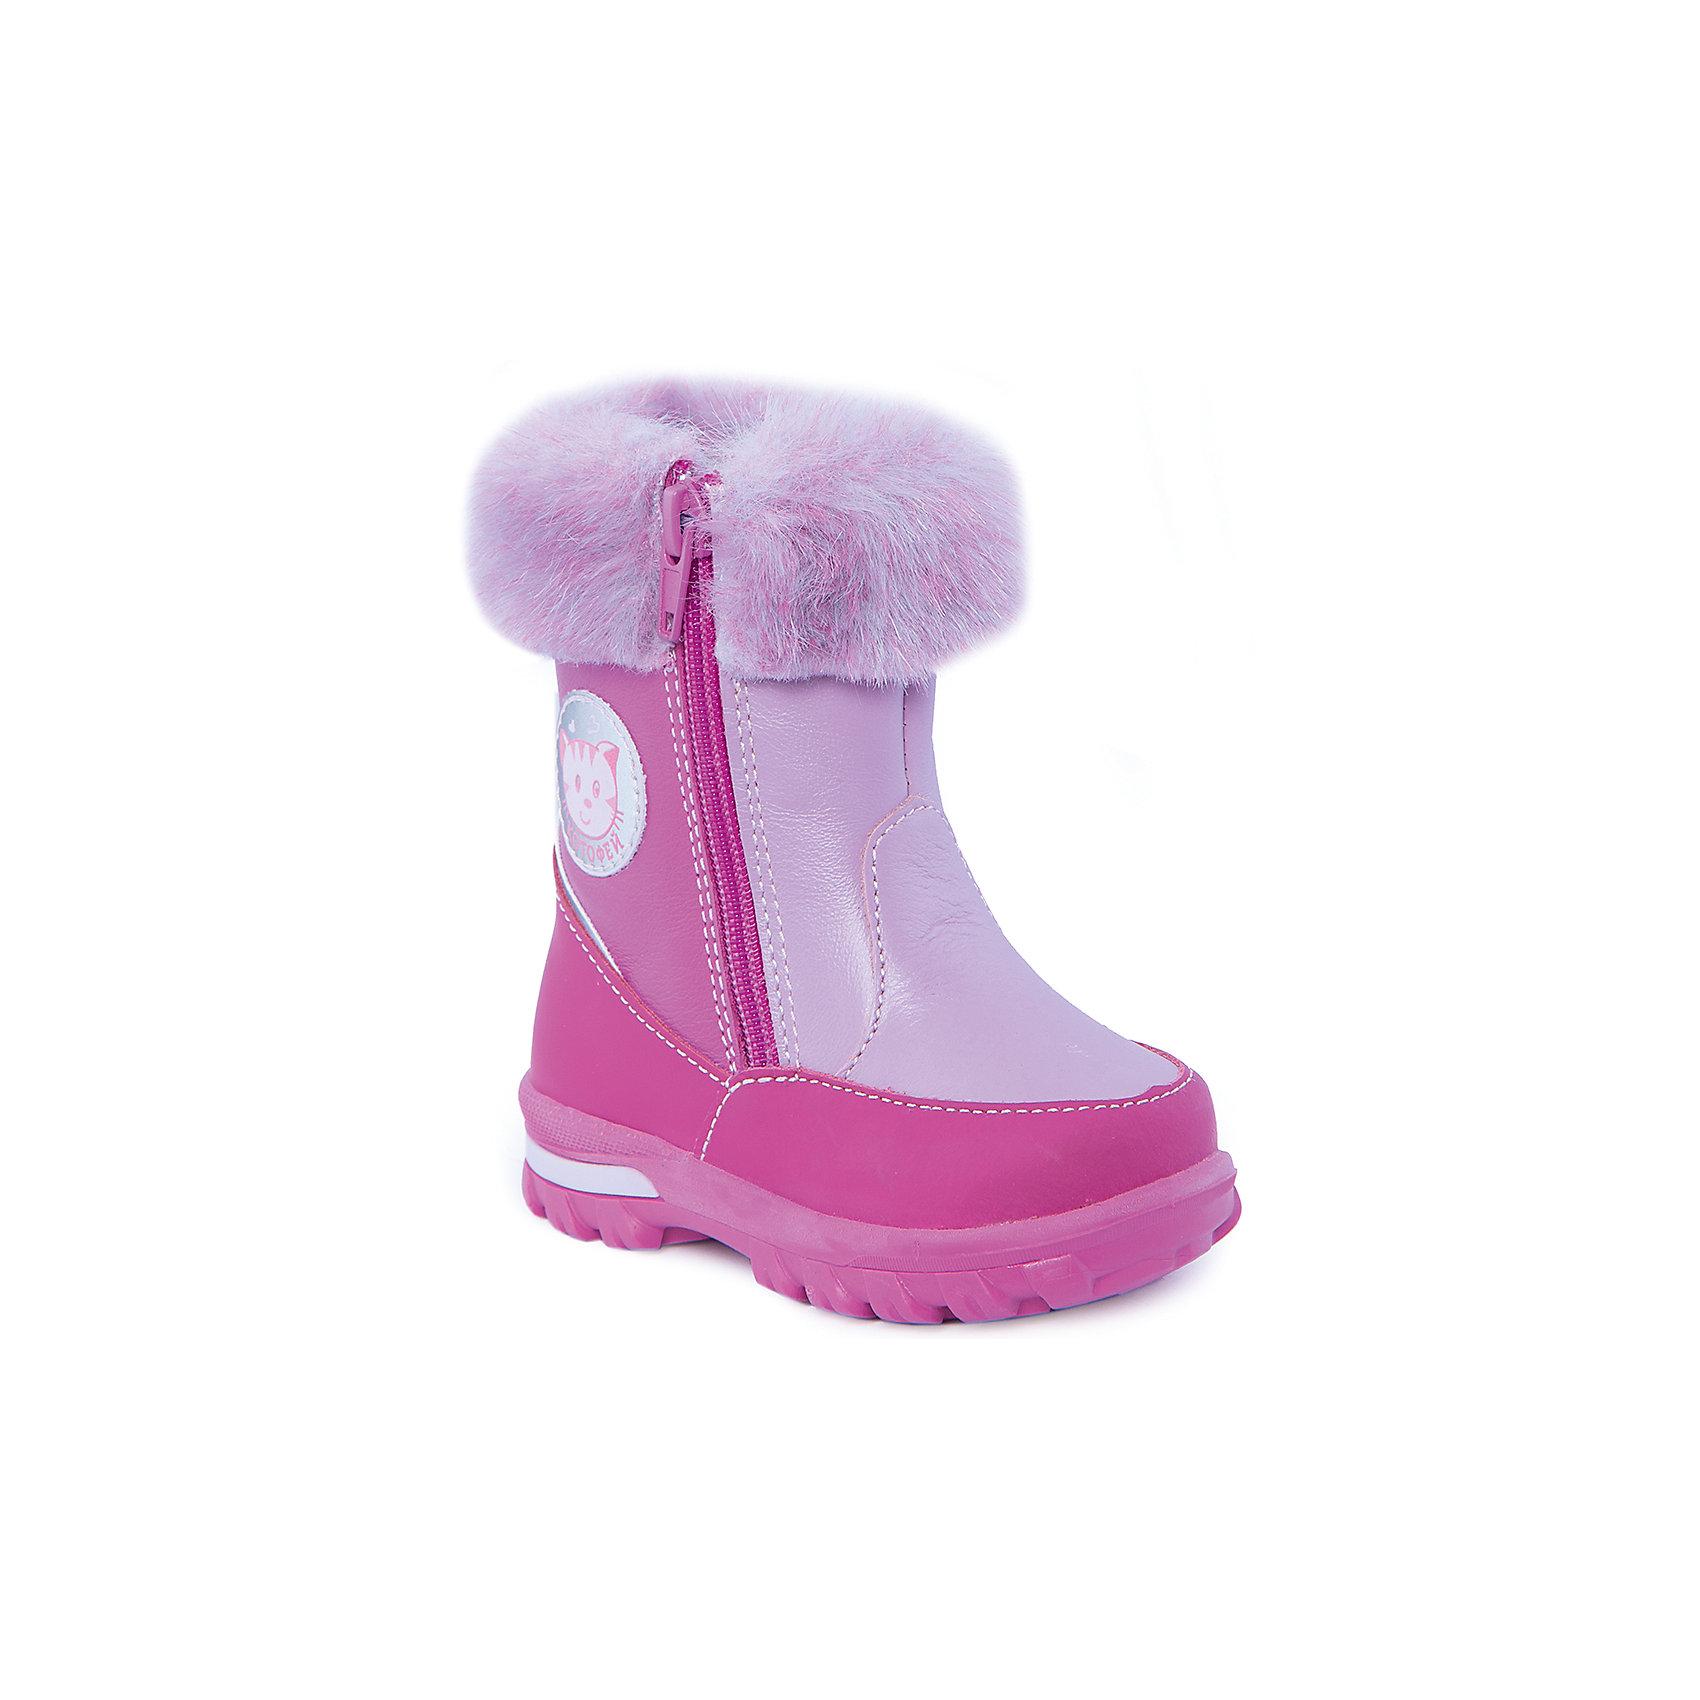 Сапоги для девочки КотофейСапоги для девочки от известного российского бренда Котофей<br><br>Стильные и удобные сапоги помогут защитить детские ножки от сырости и холода. Они легко надеваются, комфортно садятся по ноге.<br><br>Особенности модели: <br><br>- цвет - фуксия;<br>- аппликация с котом сбоку;<br>- меховые отвороты;<br>- верх – натуральная кожа;<br>- комфортная колодка;<br>- подкладка утепленная;<br>- вид крепления – клеевой;<br>- защита пальцев;<br>- амортизирующая устойчивая подошва;<br>- застежка - молния.<br><br>Дополнительная информация:<br><br>Температурный режим: <br><br>от 0° С до -25° С<br><br>Состав:<br>верх – натуральная кожа;<br>подкладка - овчина;<br>подошва - ТЭП.<br><br>Сапоги для девочки Котофей можно купить в нашем магазине.<br><br>Ширина мм: 257<br>Глубина мм: 180<br>Высота мм: 130<br>Вес г: 420<br>Цвет: фиолетовый<br>Возраст от месяцев: 21<br>Возраст до месяцев: 24<br>Пол: Женский<br>Возраст: Детский<br>Размер: 24,21,23,22<br>SKU: 4315189